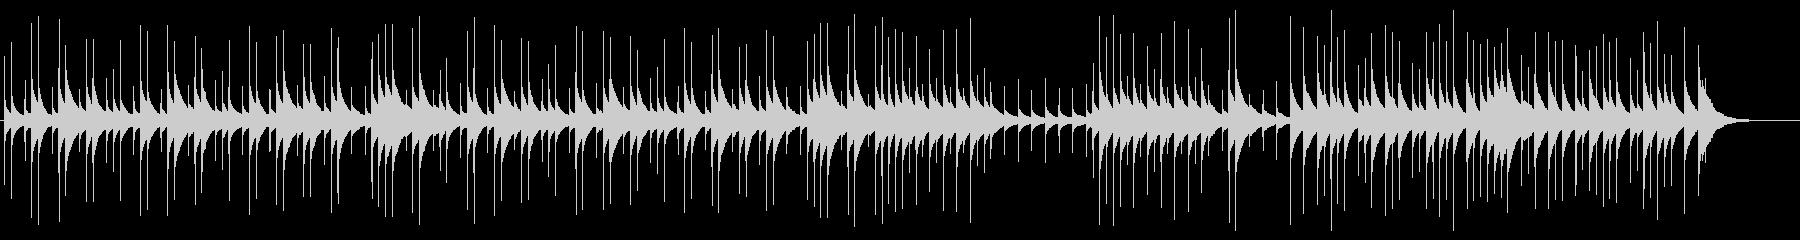 可愛くて癒される優しいオルゴールBGMの未再生の波形